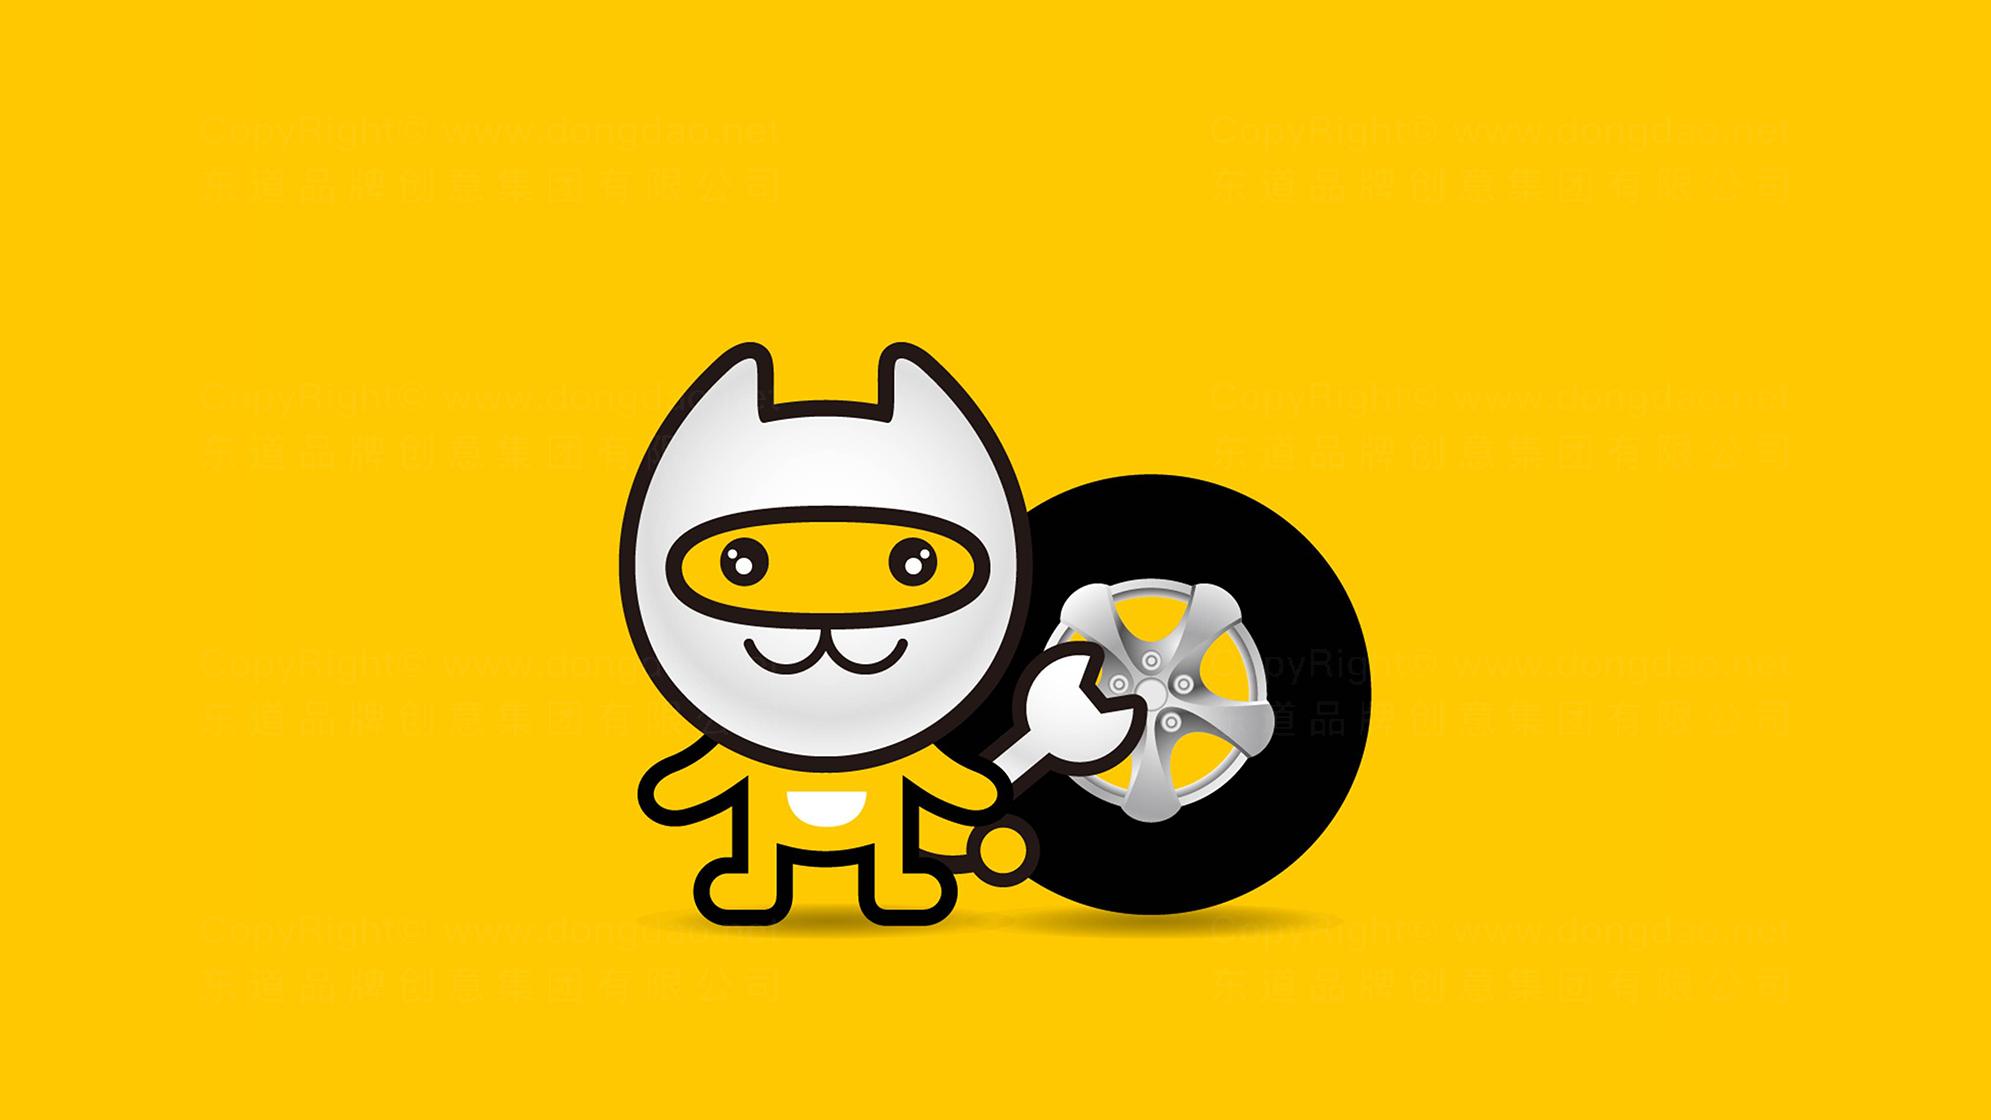 品牌设计一猫汽车logo设计、vi设计应用场景_6